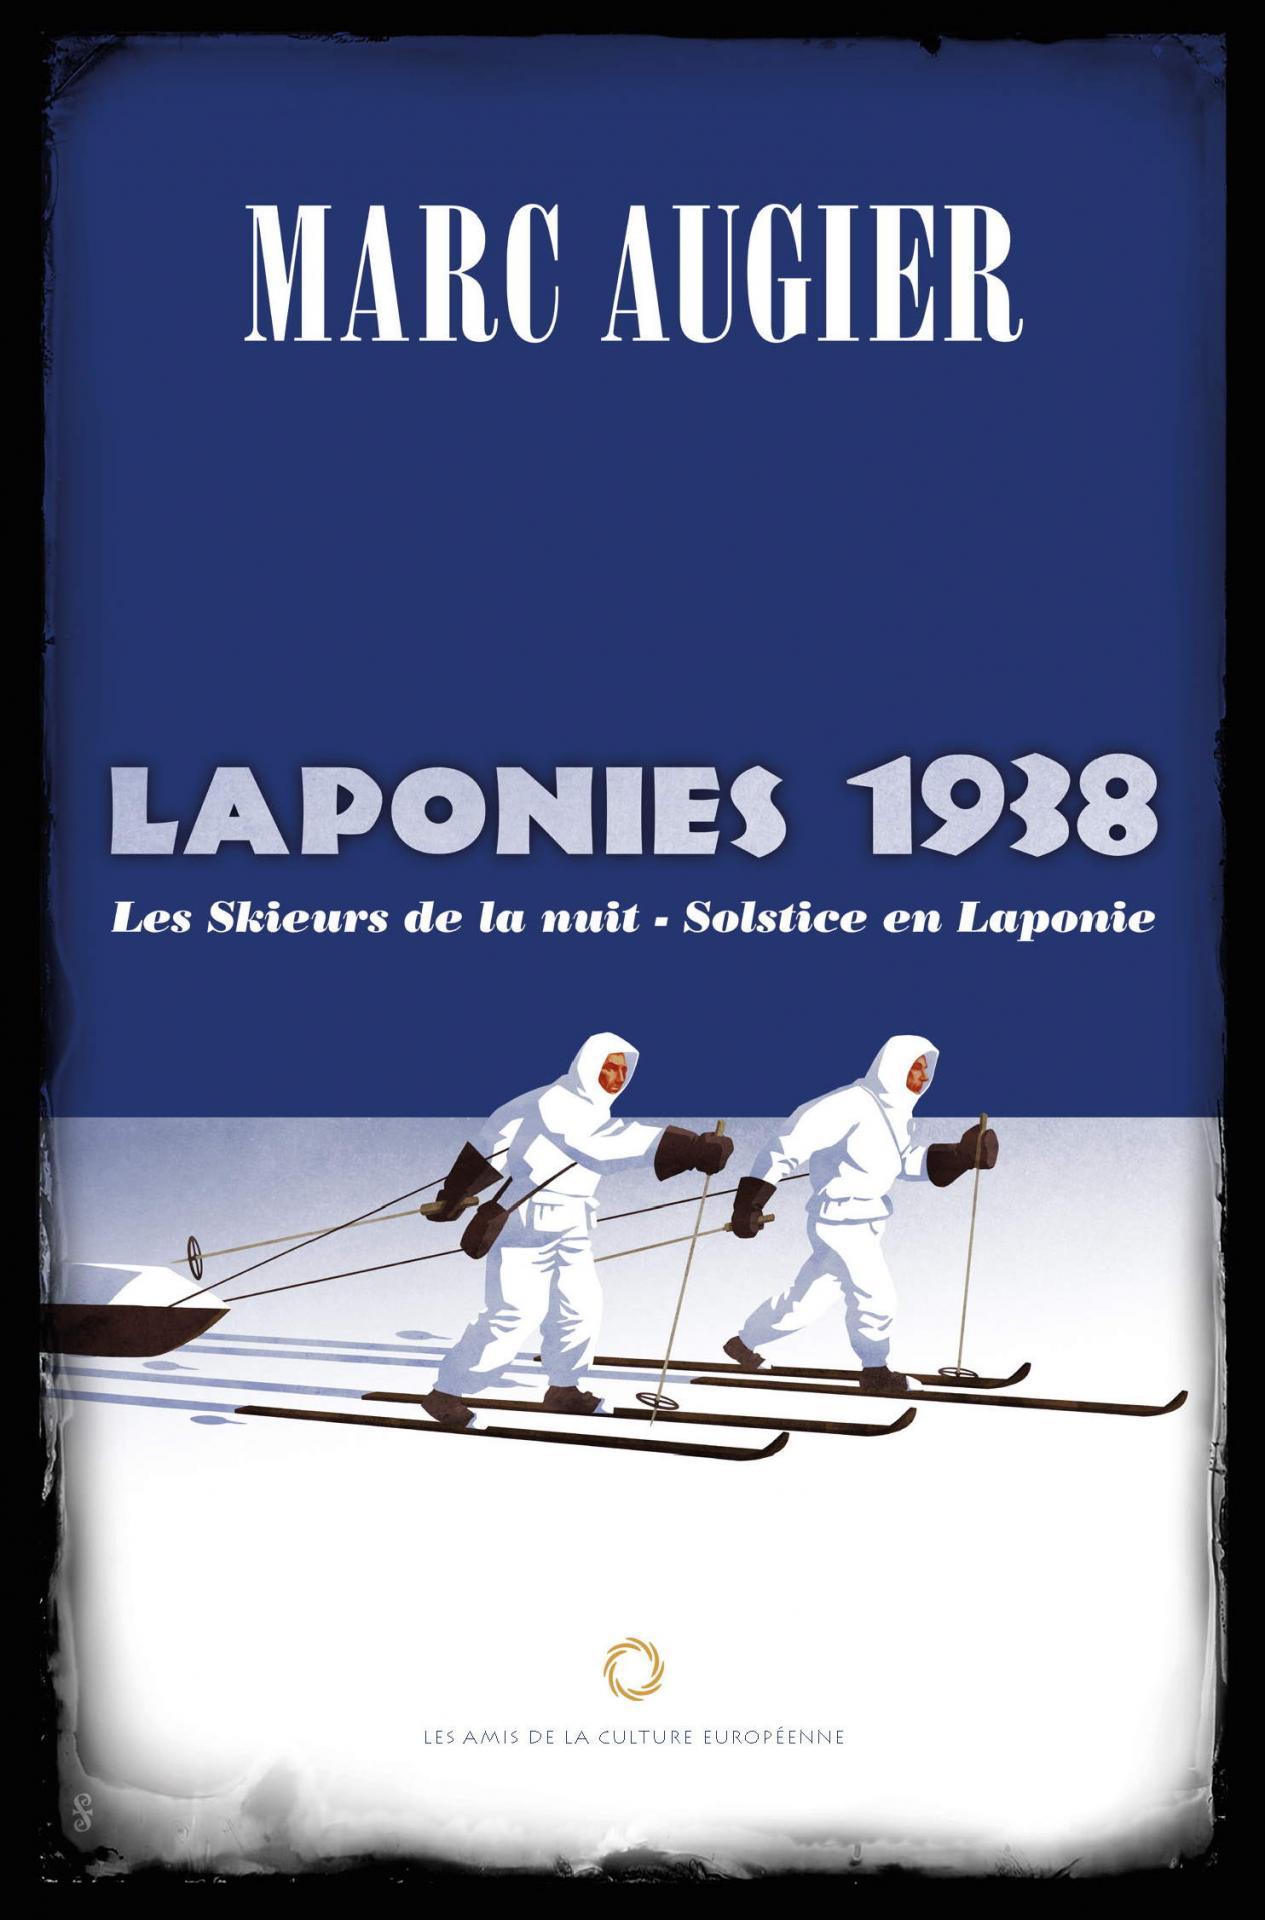 Marc augier laponies 1938 solstice en laponie les skieurs de la nuit couverture